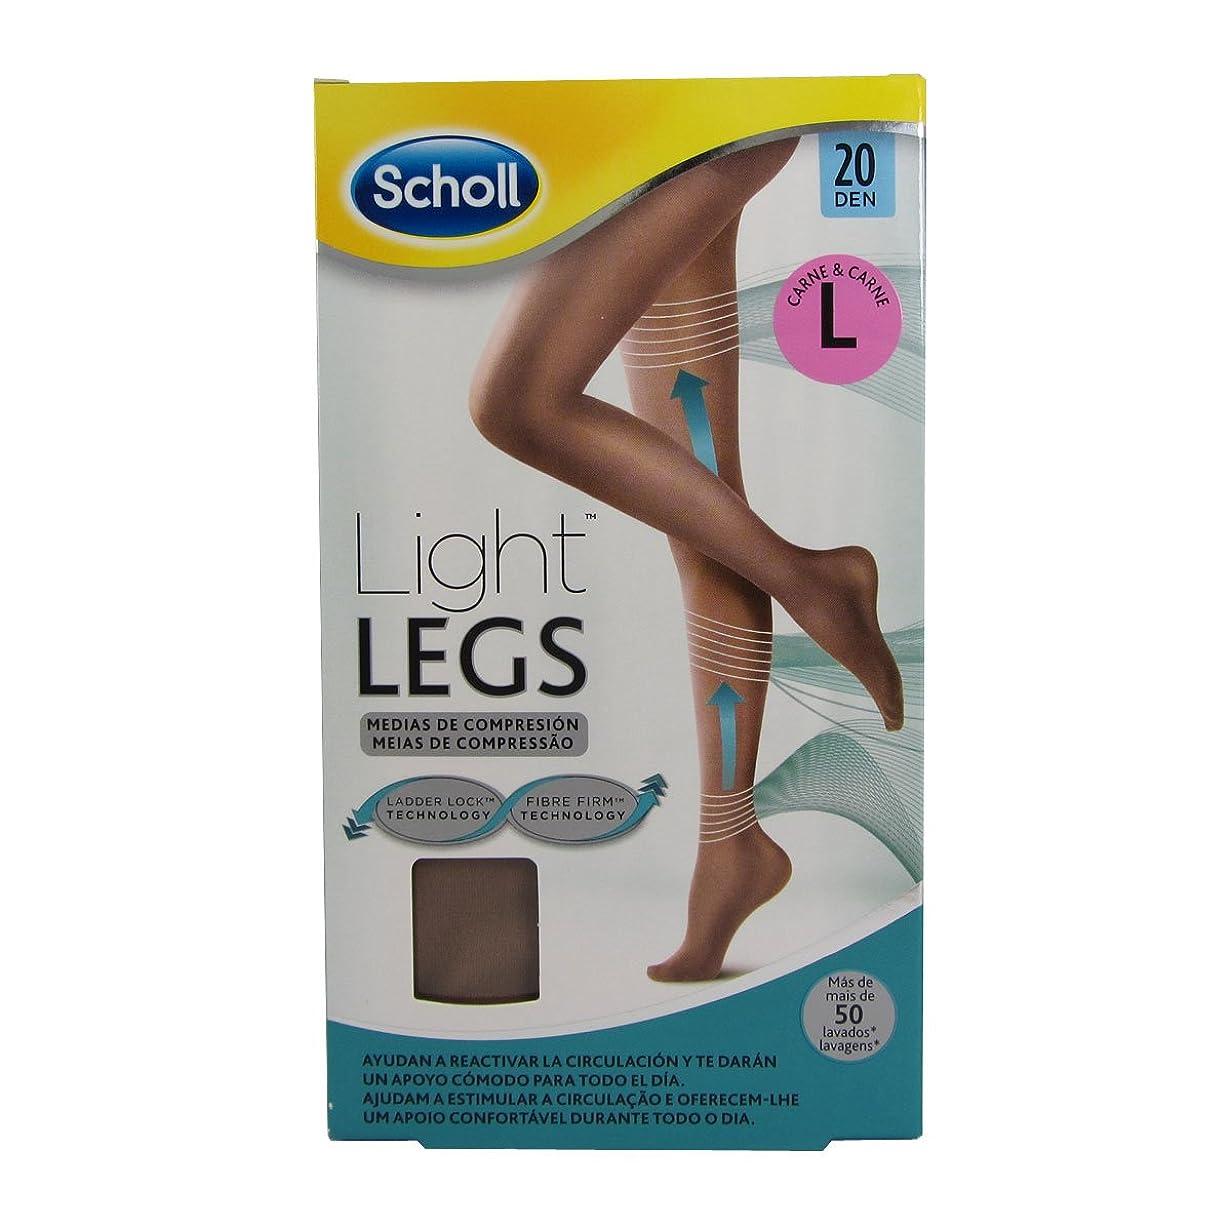 似ている長老蛾Scholl Light Legs Compression Tights 20den Skin Large [並行輸入品]